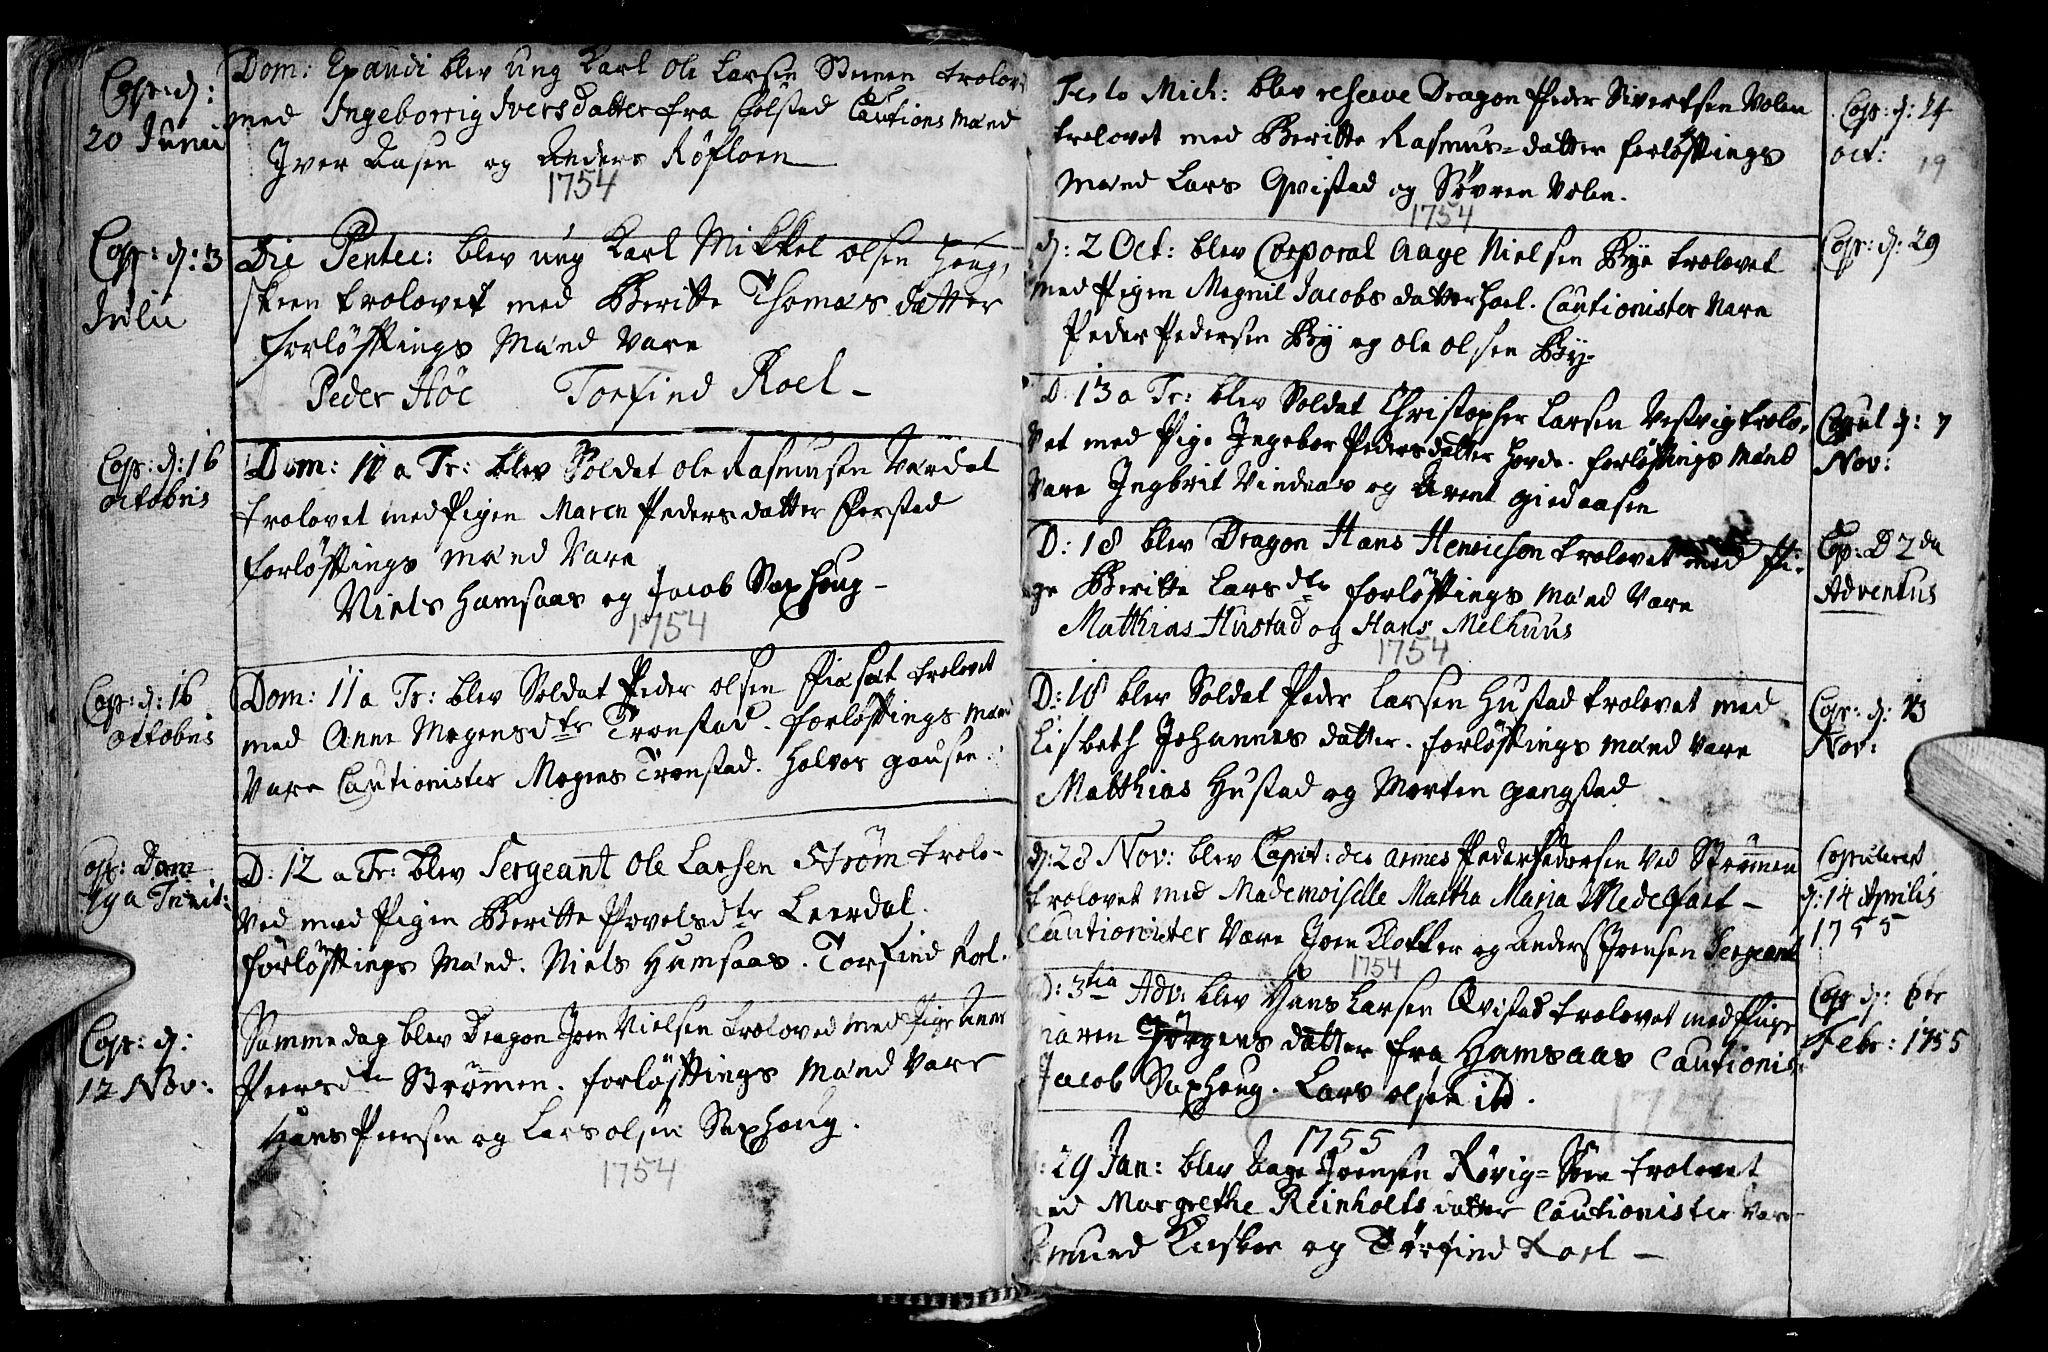 SAT, Ministerialprotokoller, klokkerbøker og fødselsregistre - Nord-Trøndelag, 730/L0272: Ministerialbok nr. 730A01, 1733-1764, s. 19